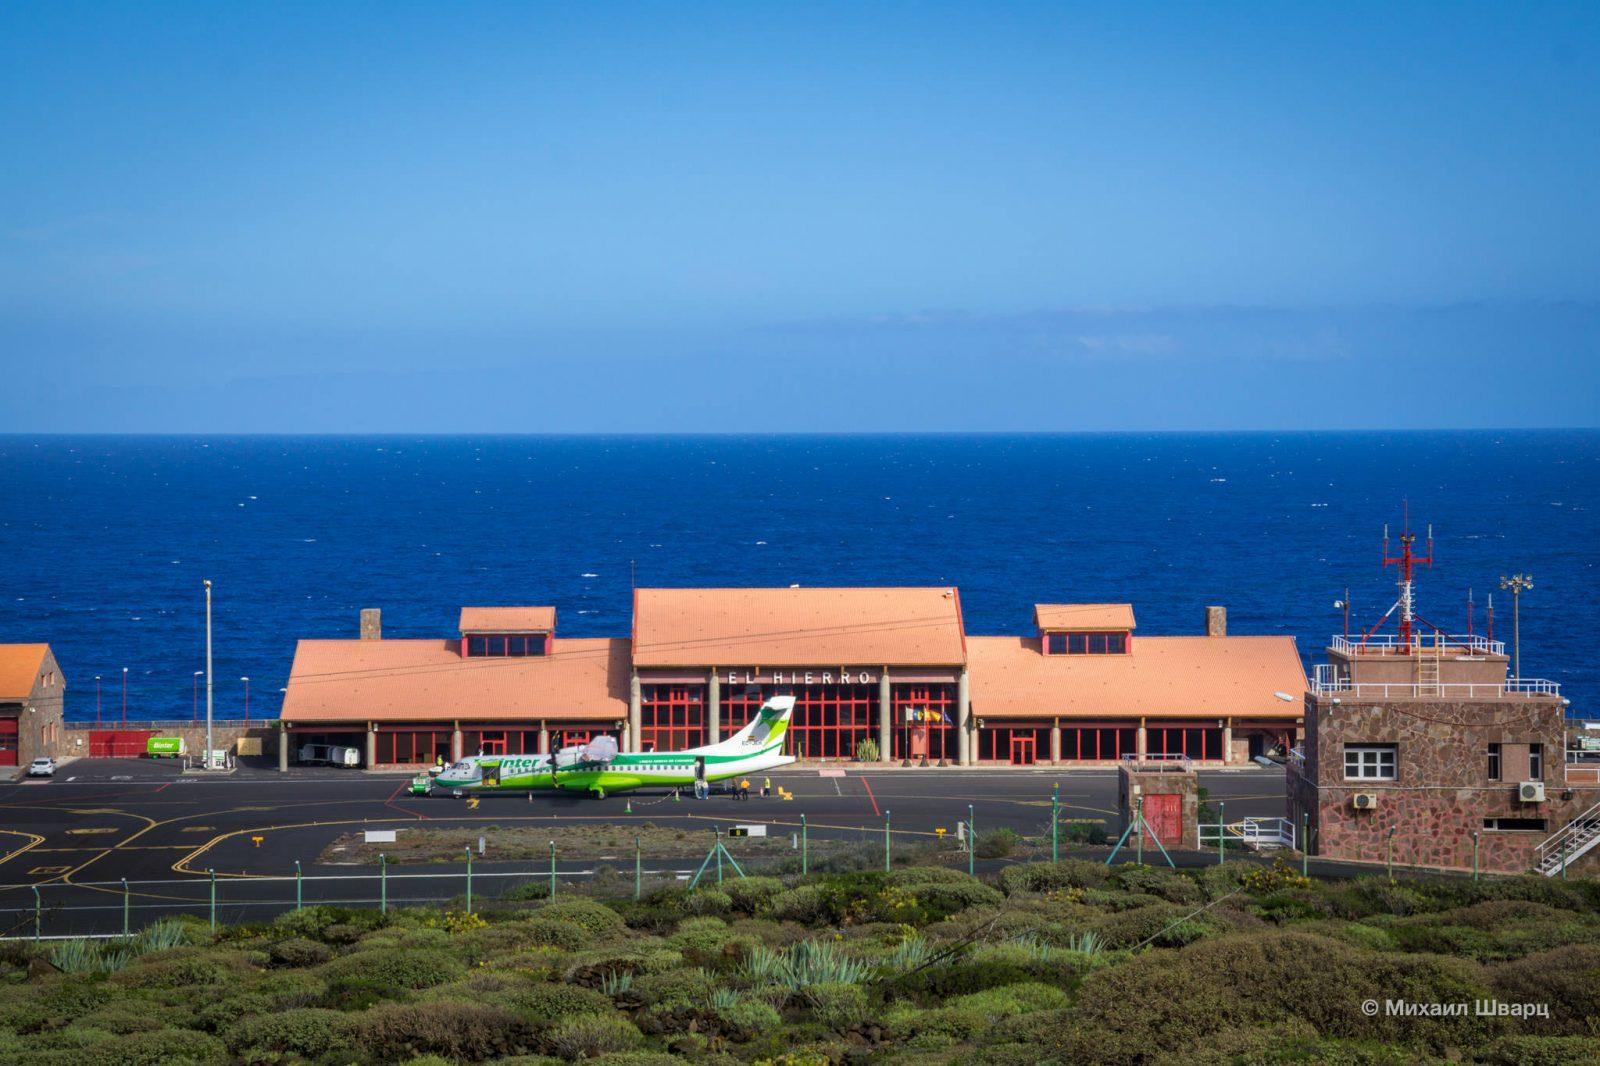 Аэропорт Эль-Йерро